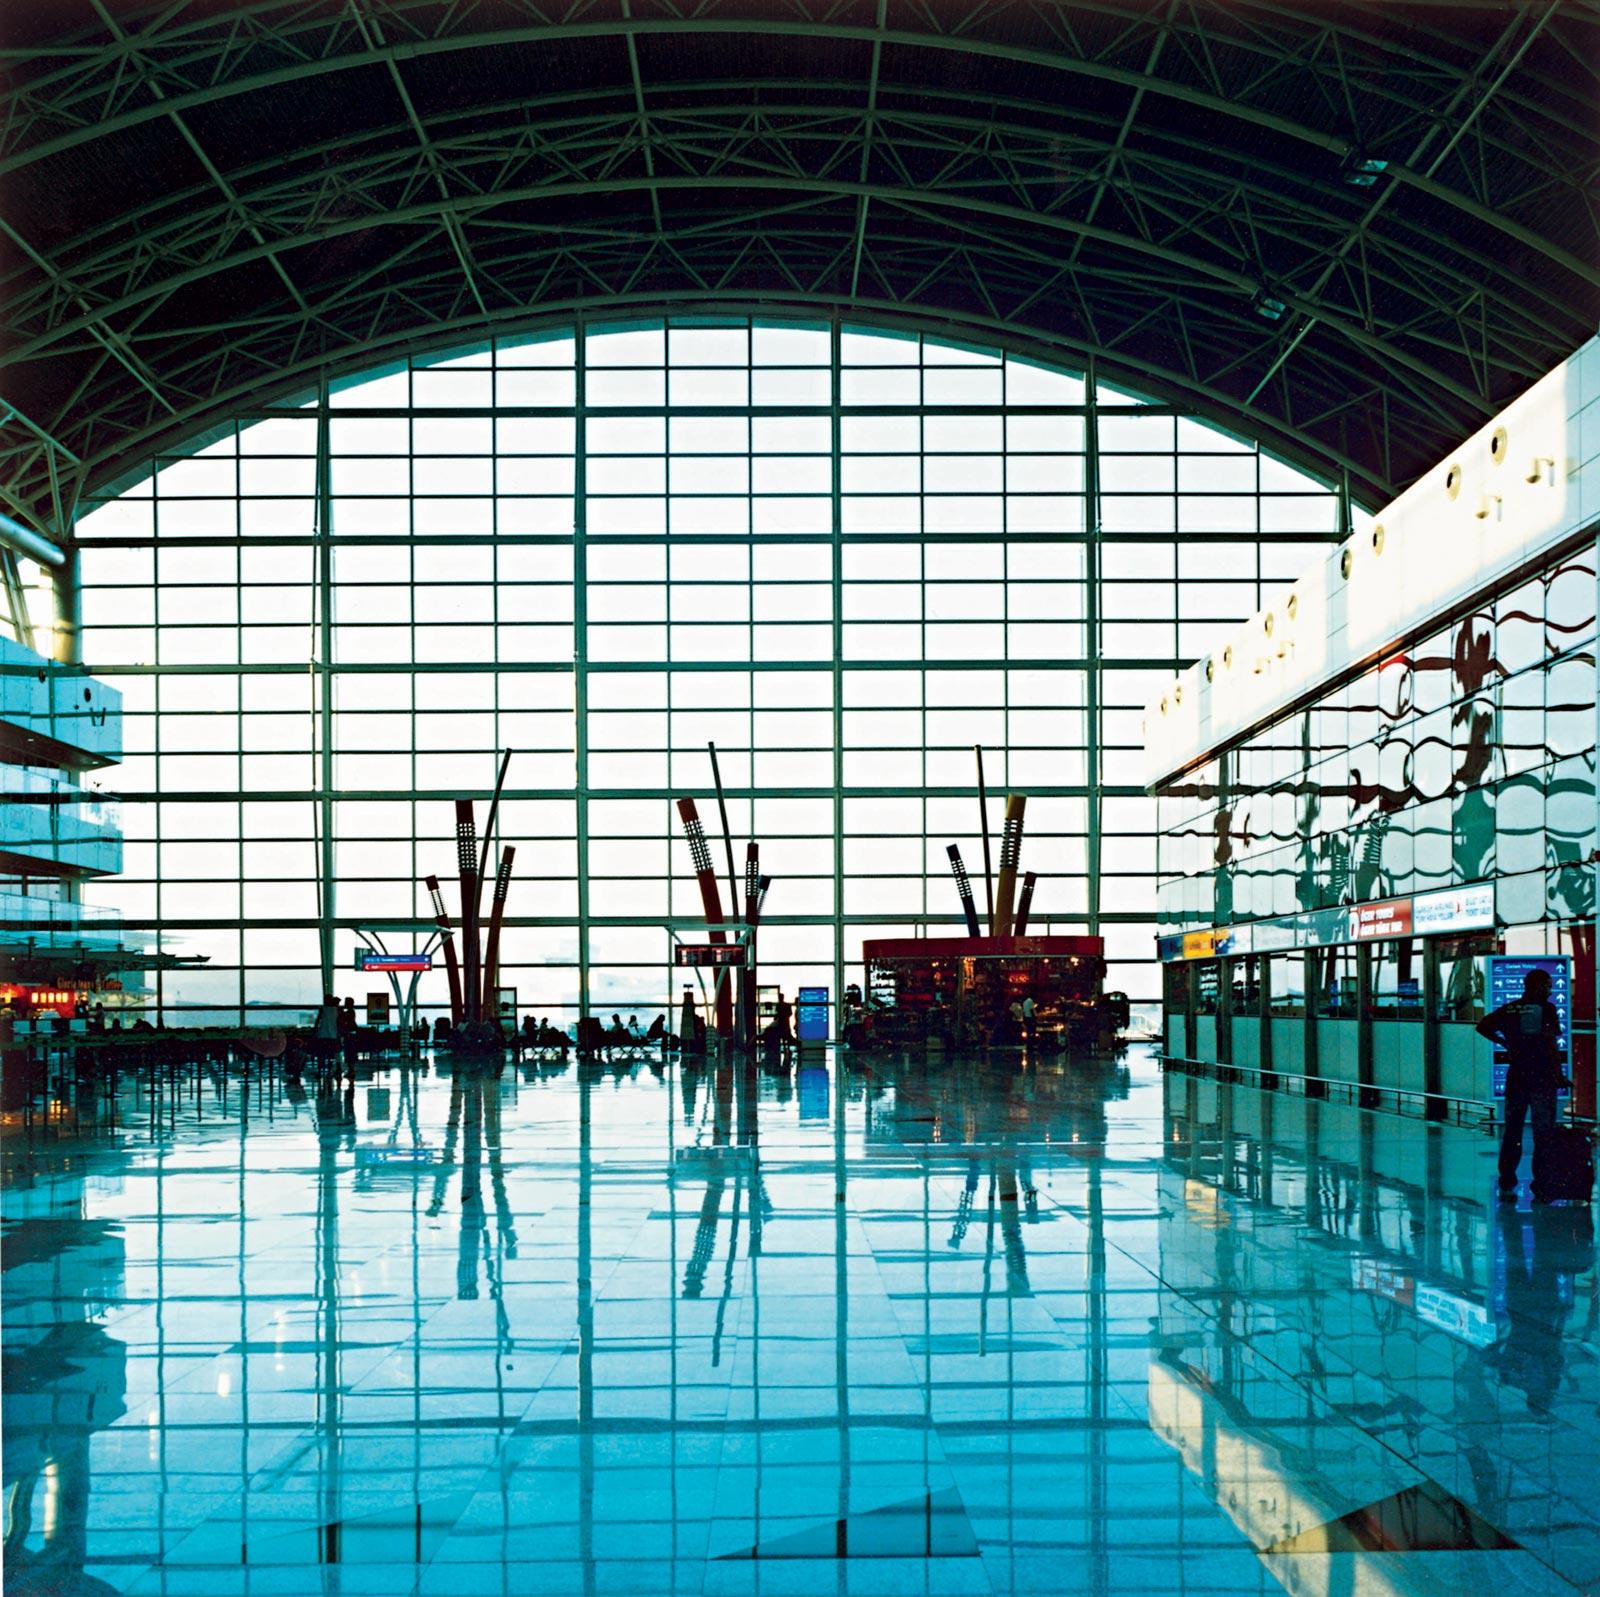 Izmir Airport 07:10, 2008, C-print, 110 x 110 cm